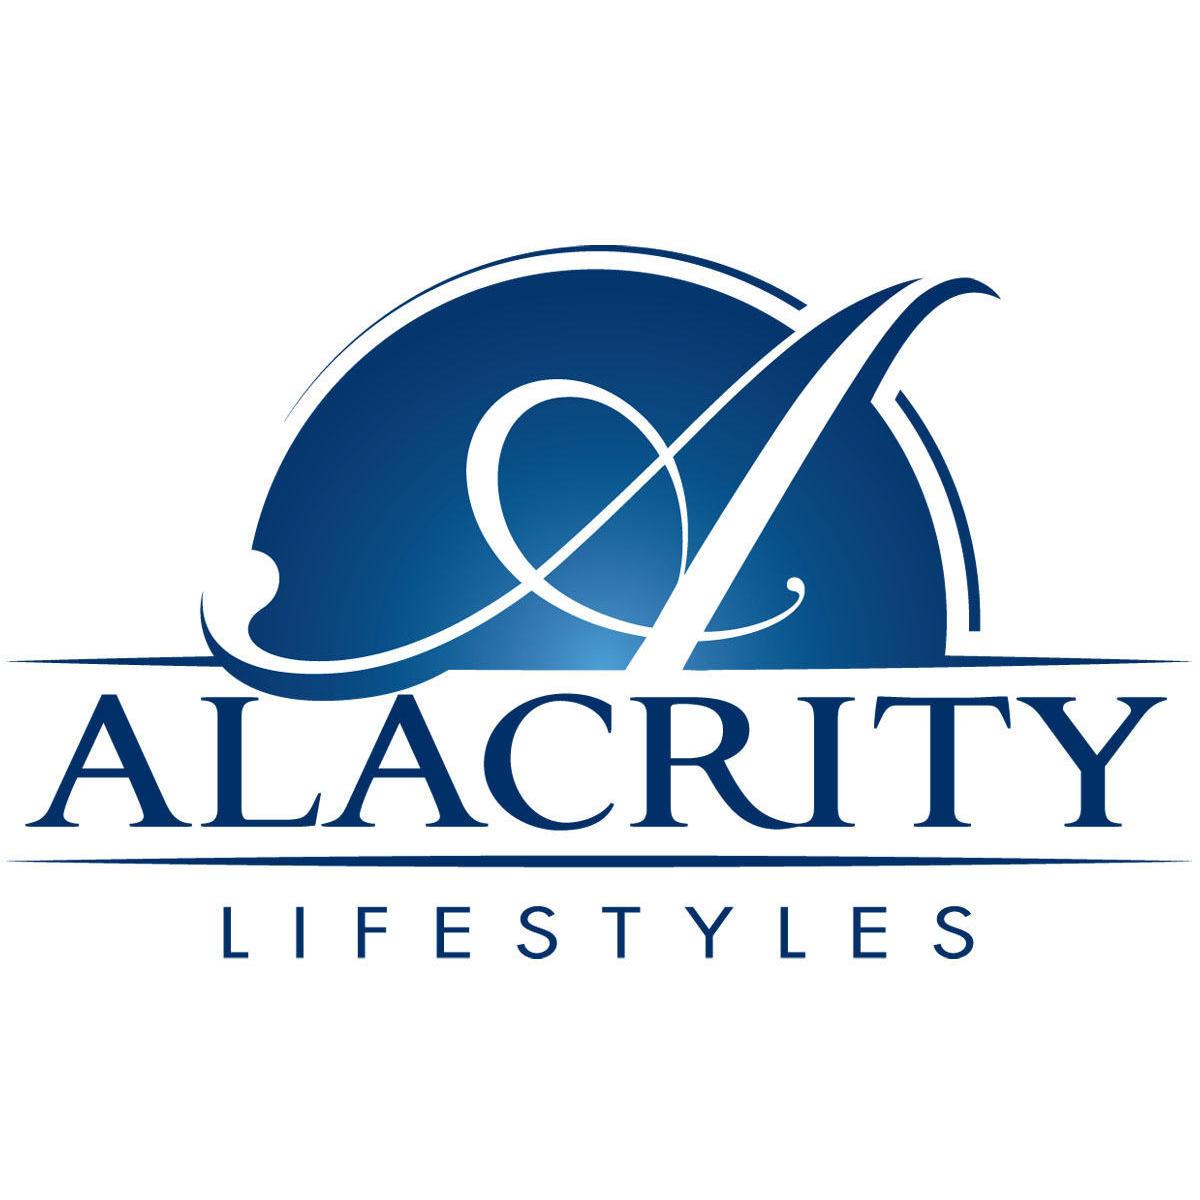 Alacrity Lifestyles, LLC